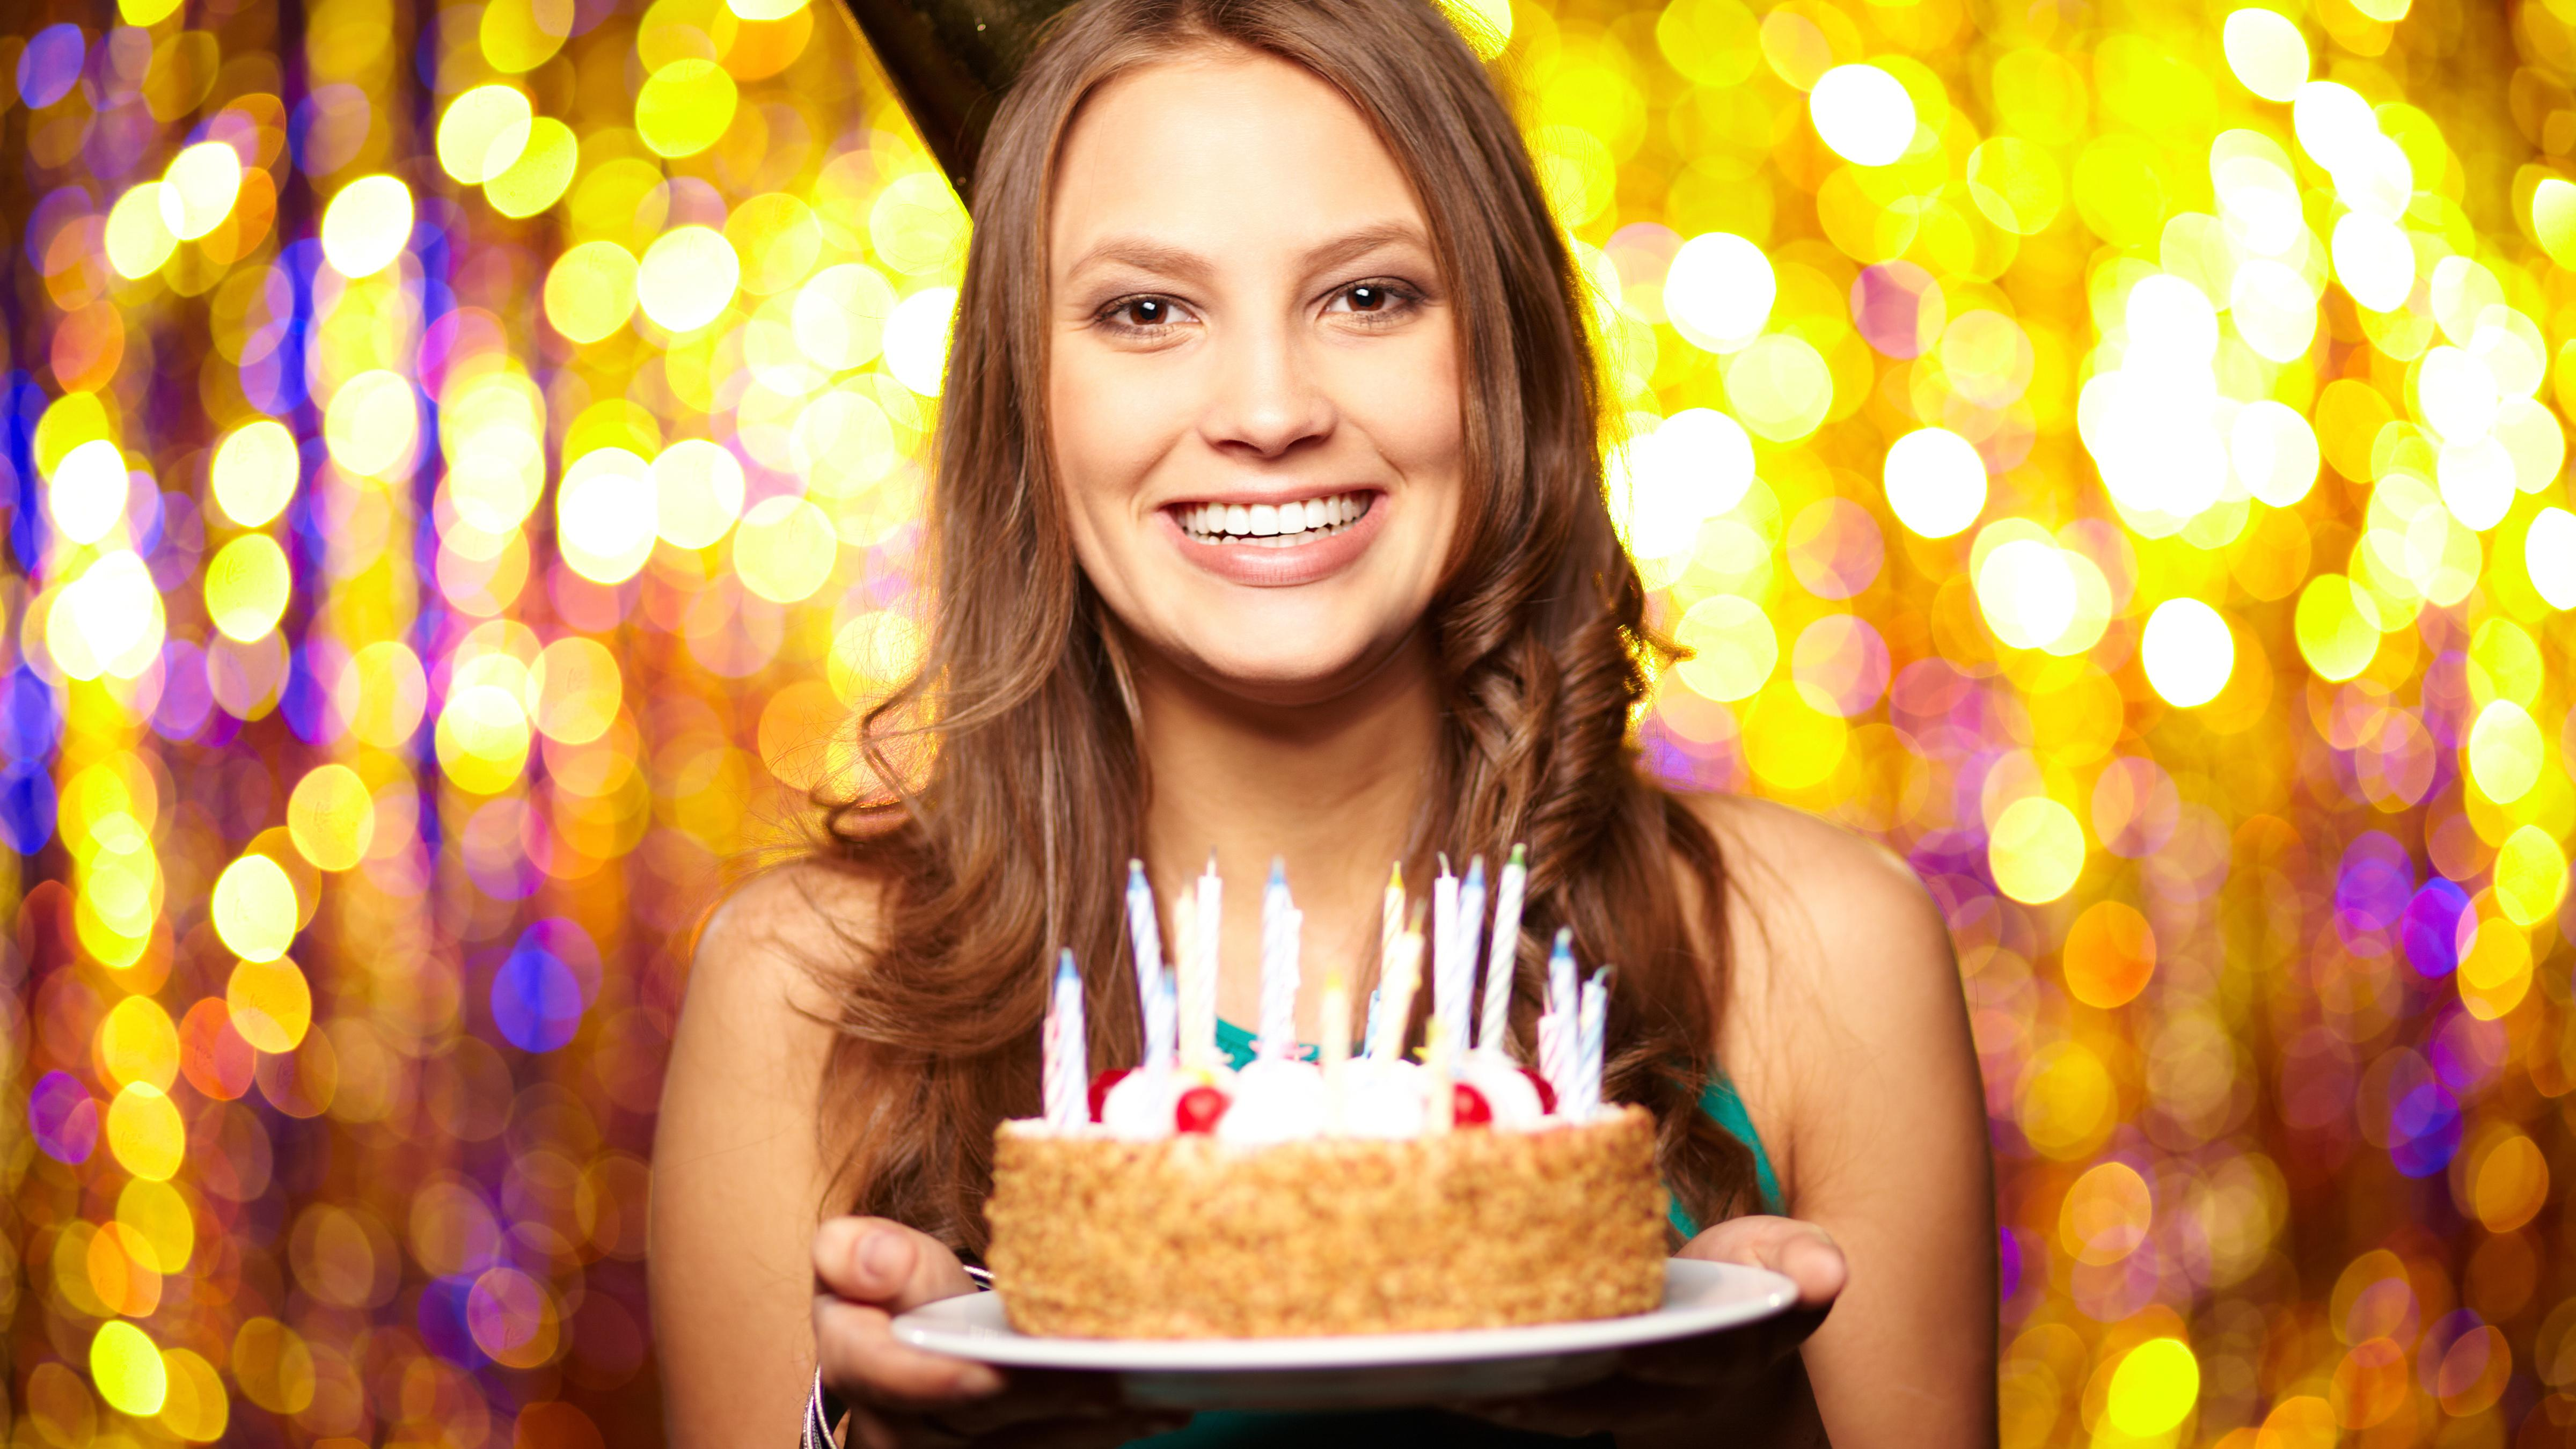 Smieszne Zyczenia Na Urodziny Fajne Pomysly Prezenty I Zyczenia